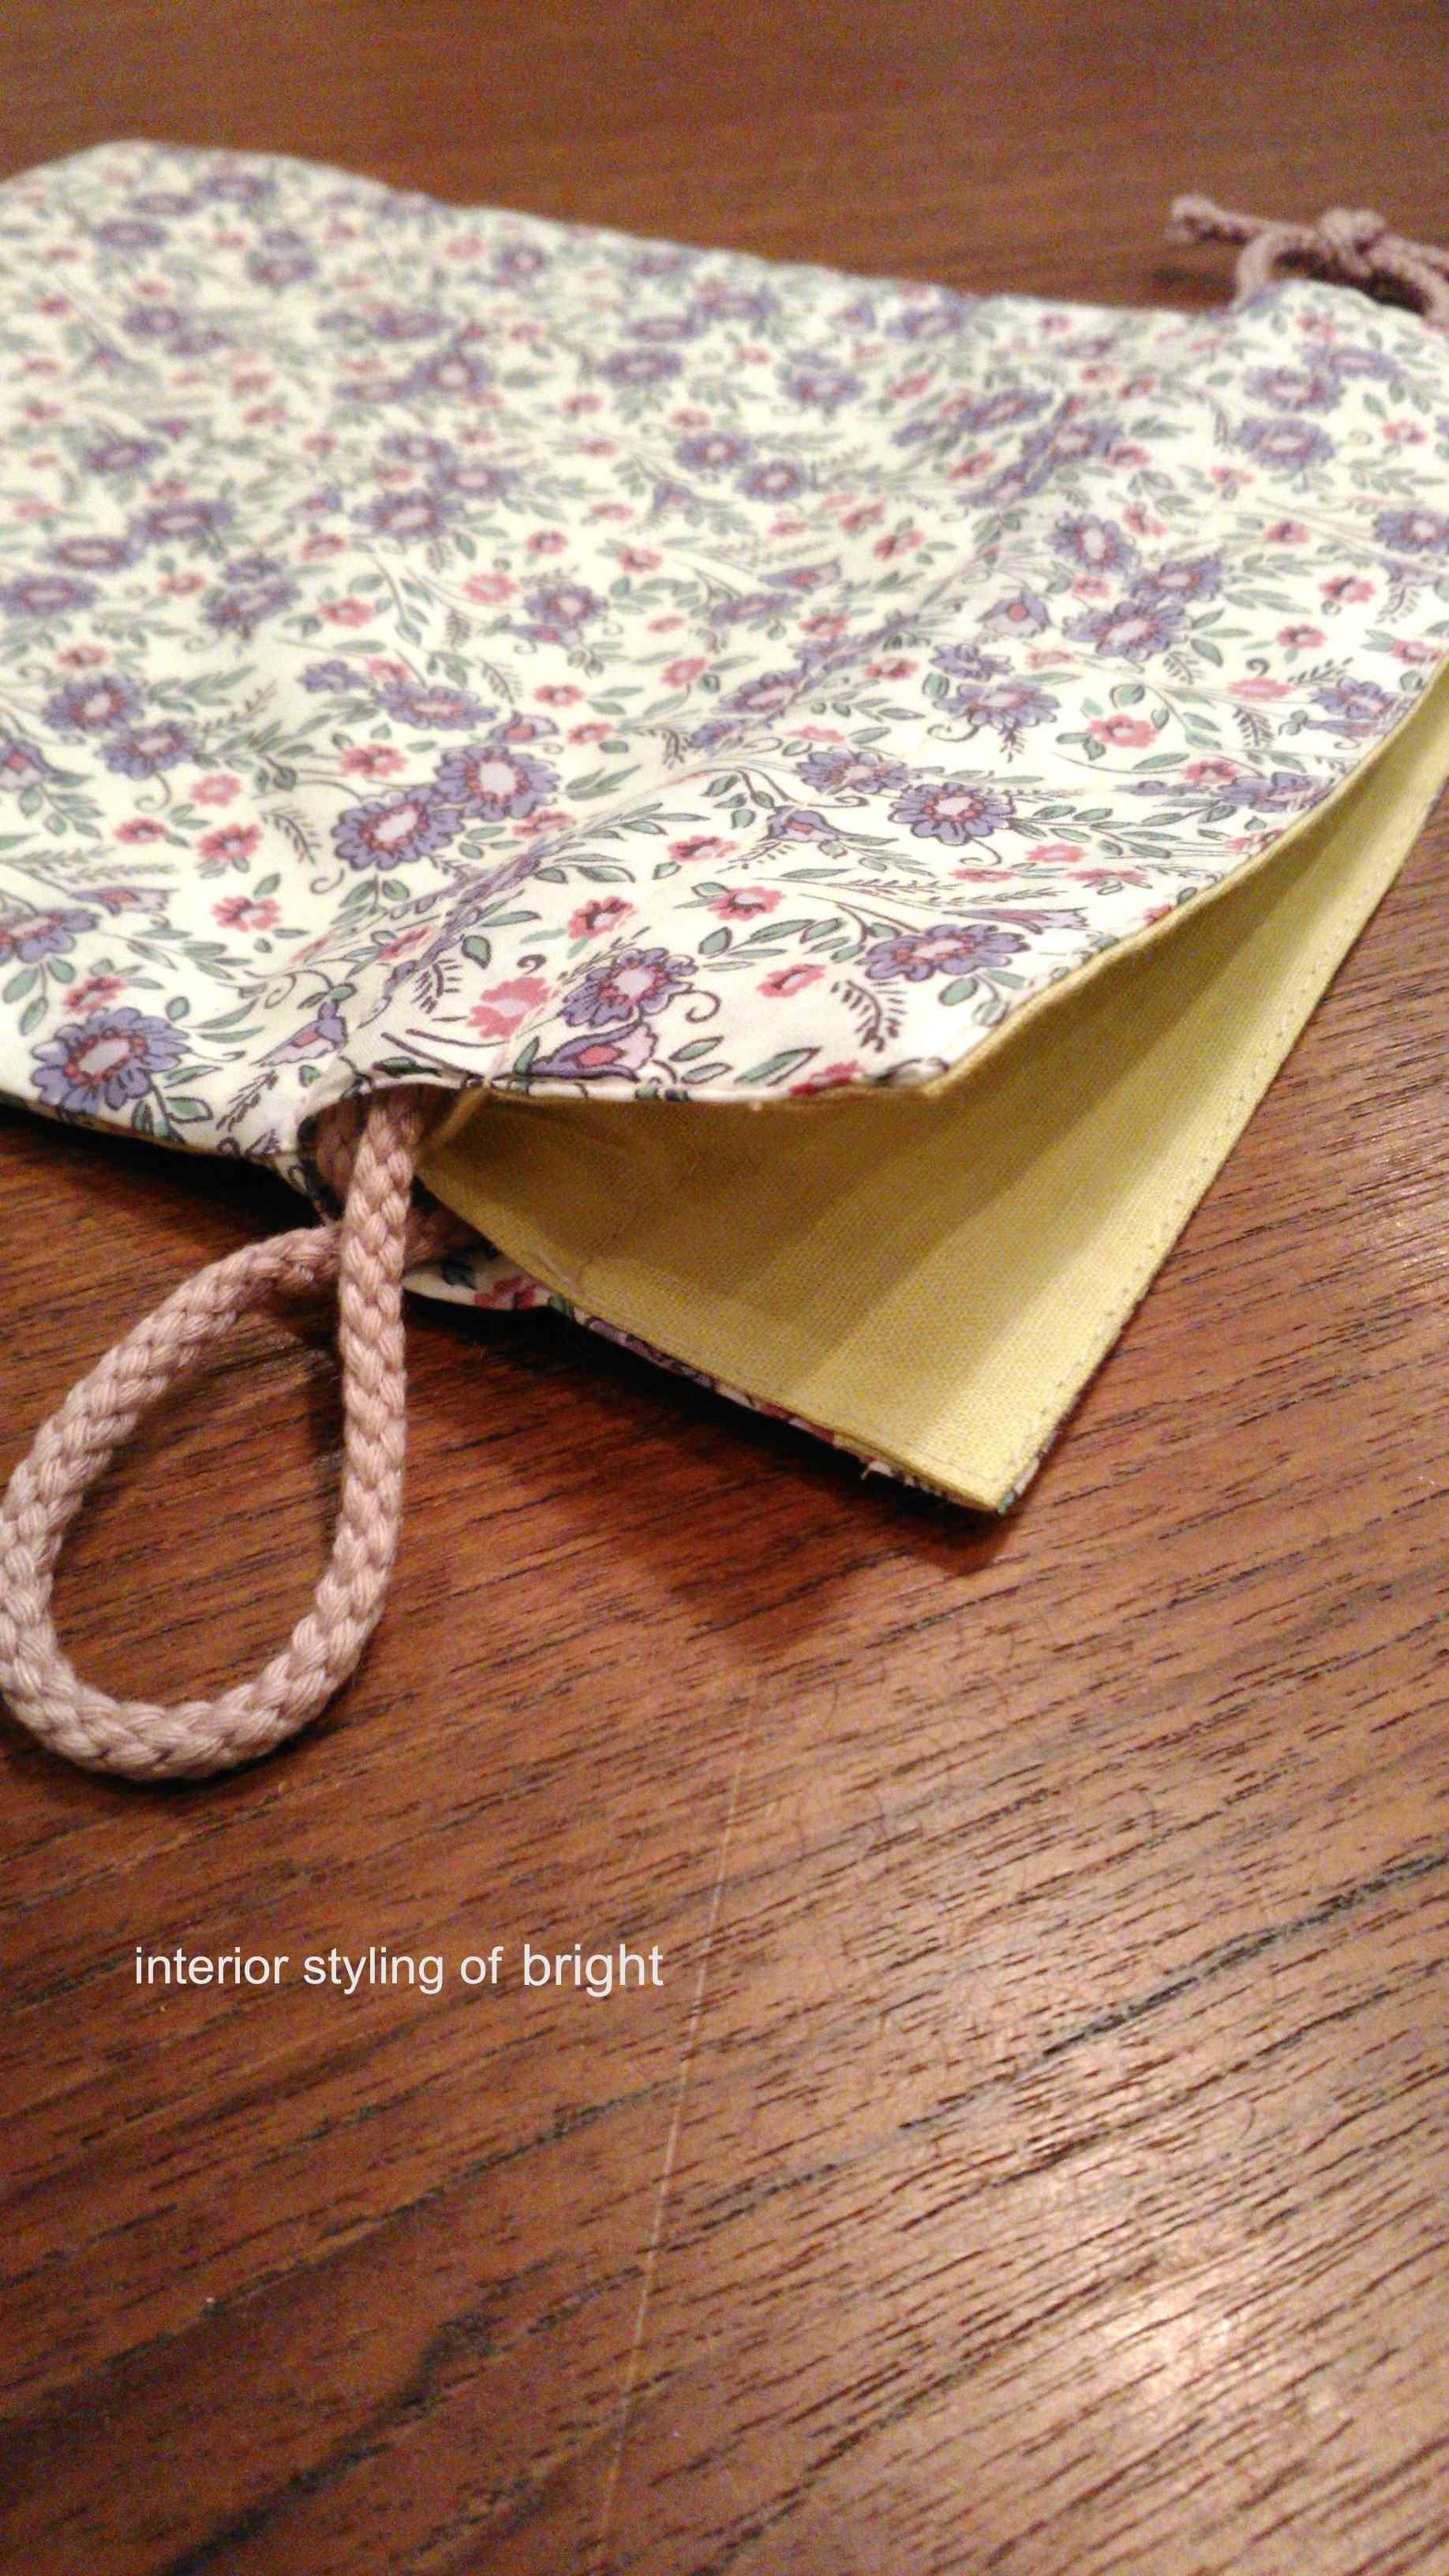 巾着の製作 ウィリアムモリス正規販売店のブライト_c0157866_17305529.jpg